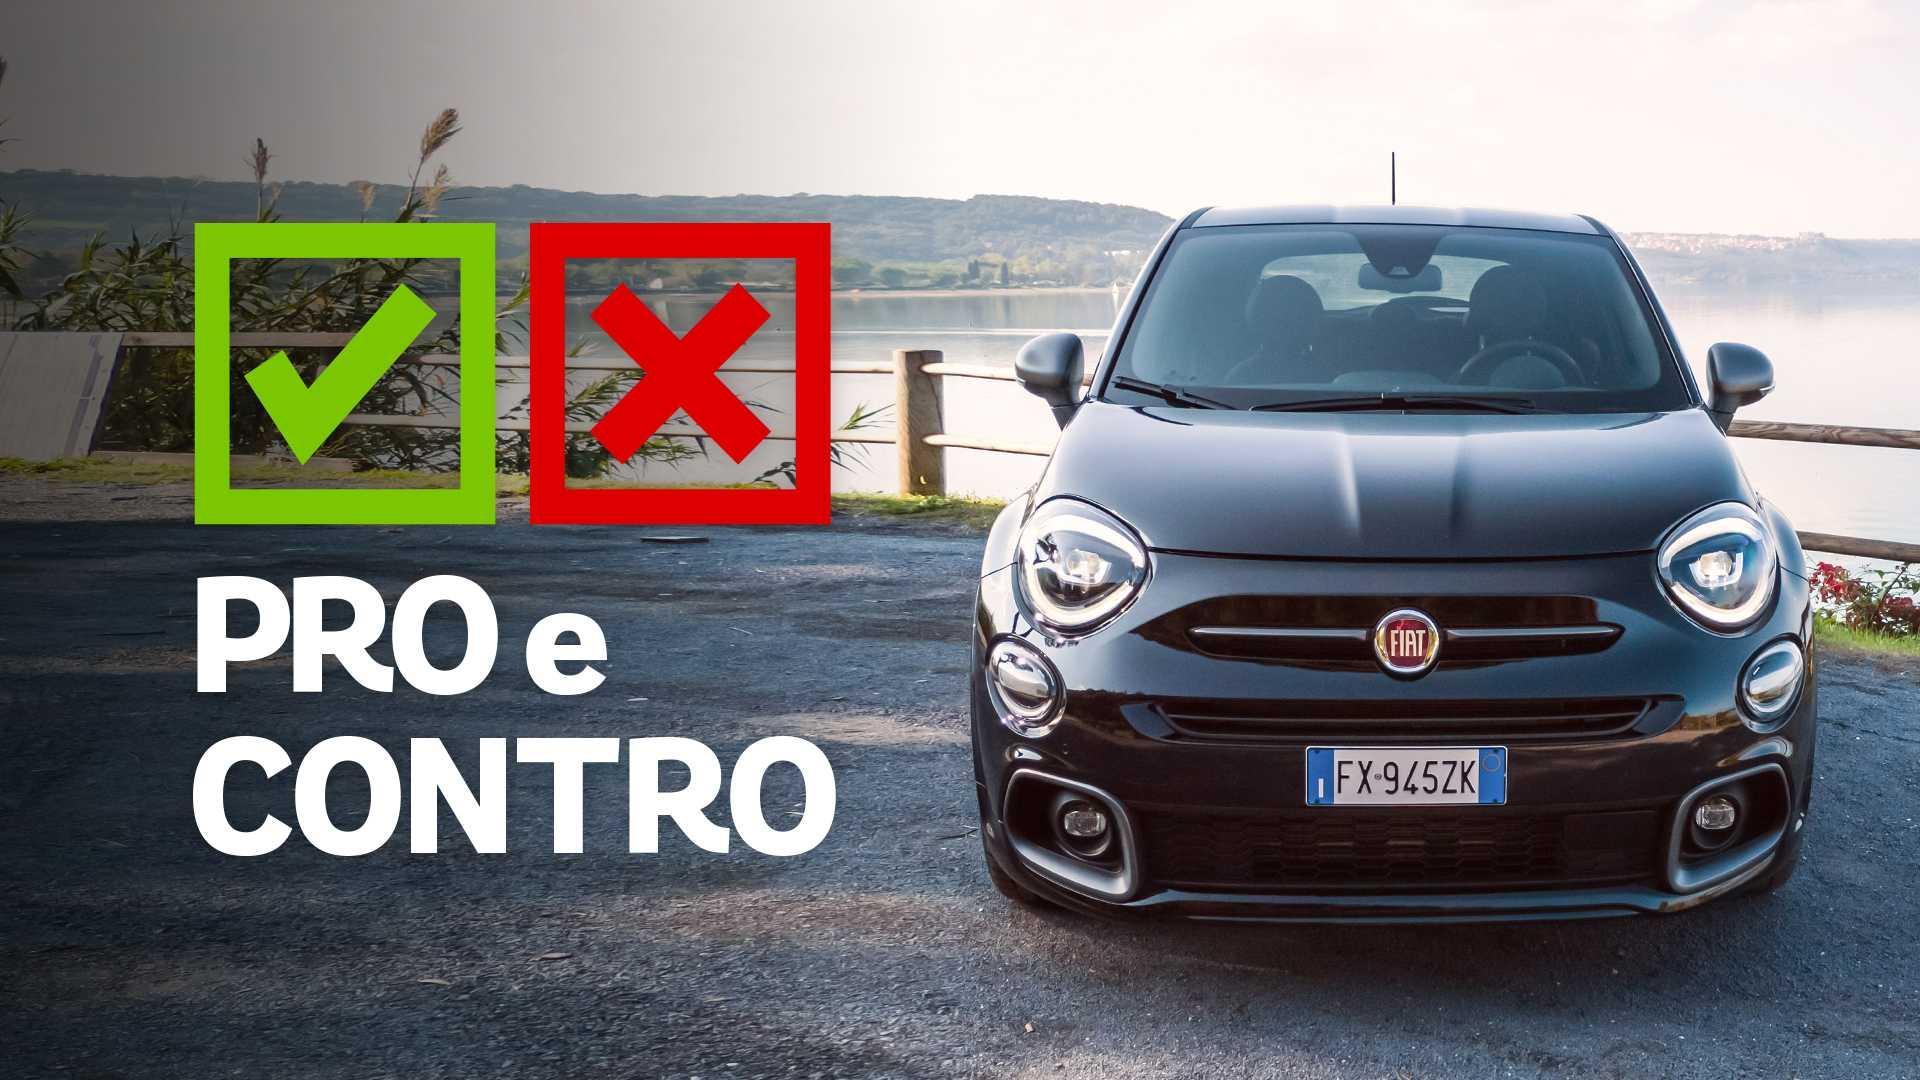 Fiat 500X Sport, pro e contro